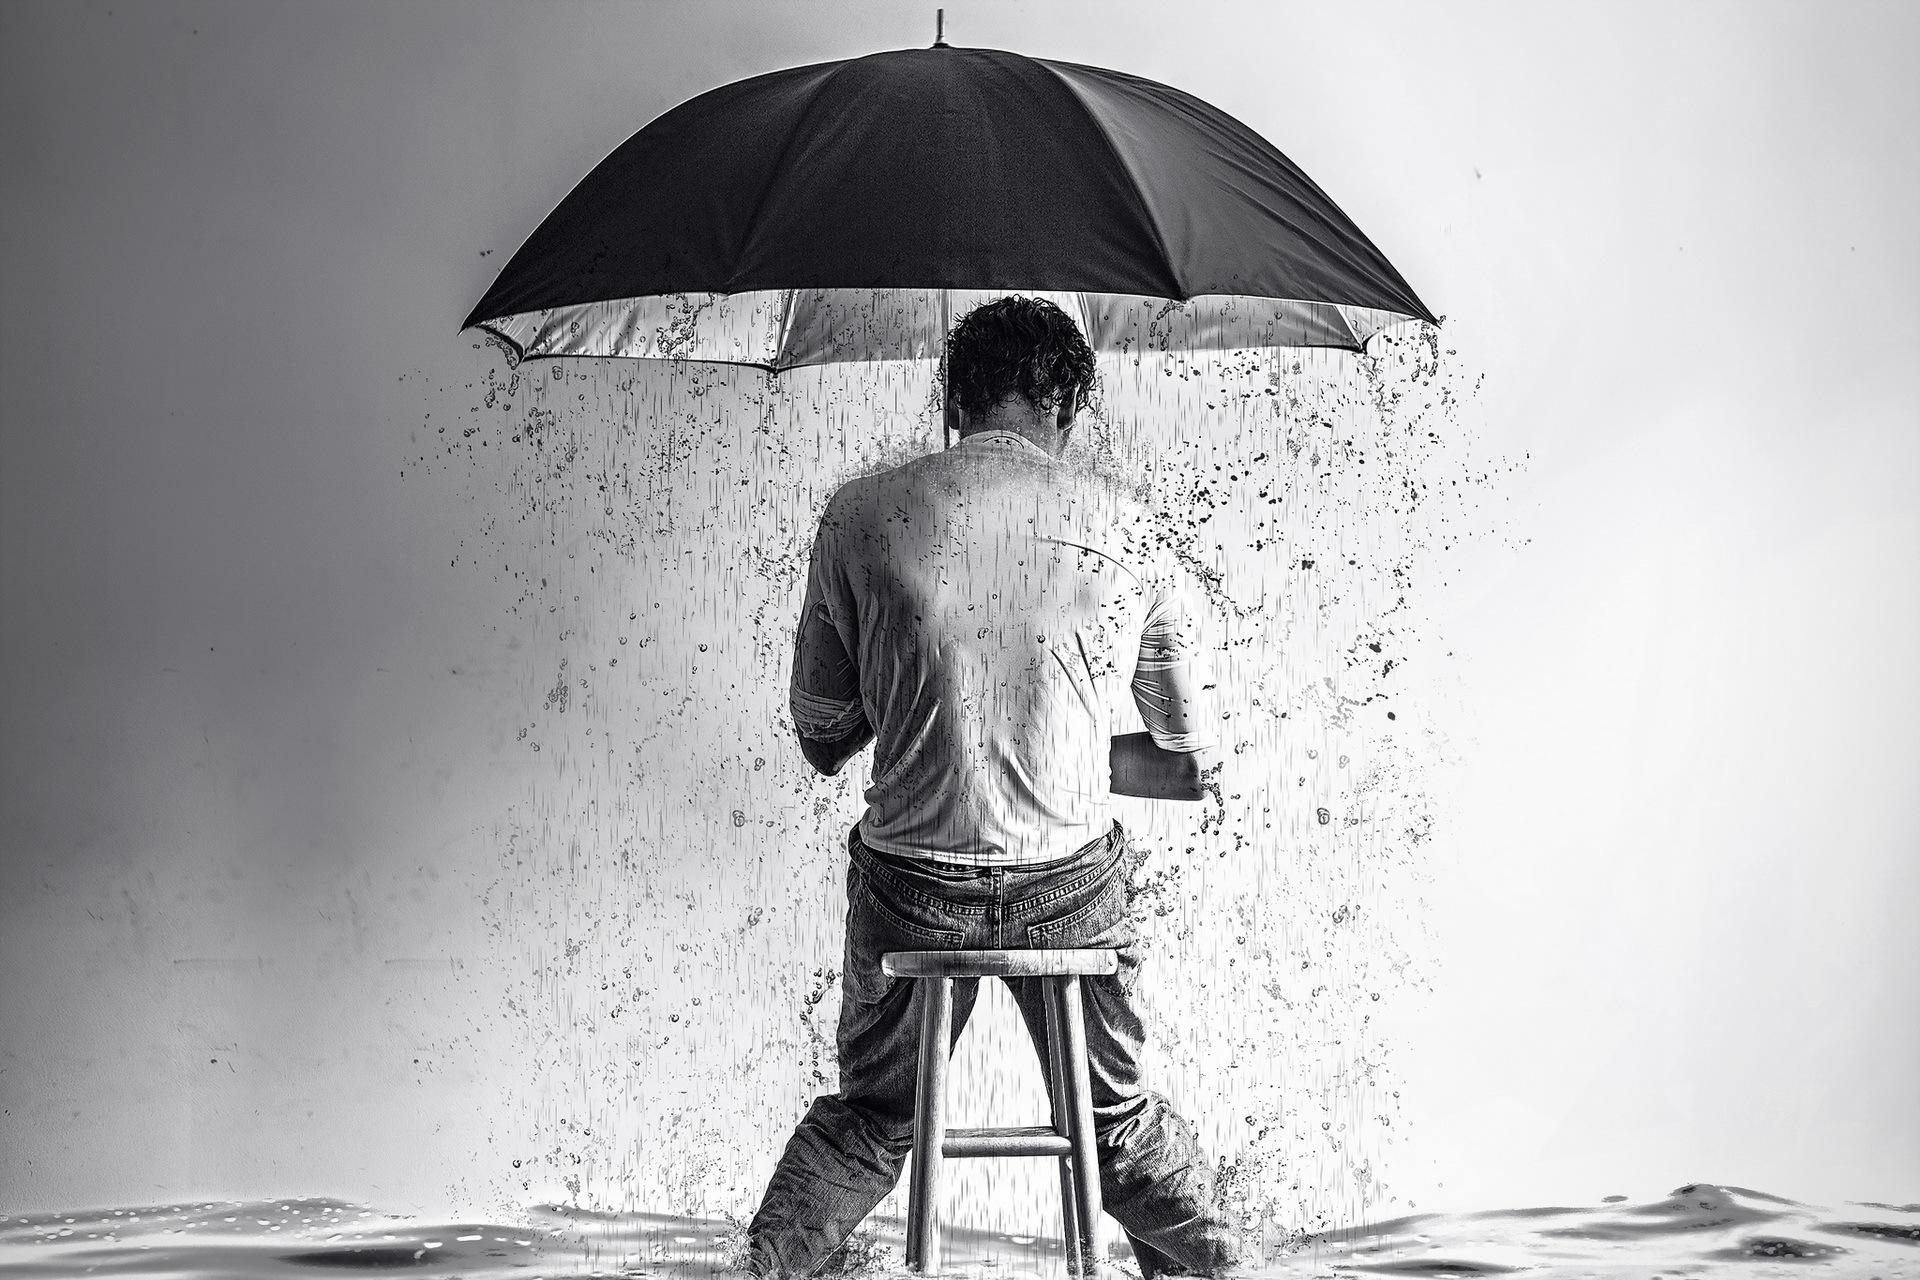 мужчина пристань зонт дождь скачать